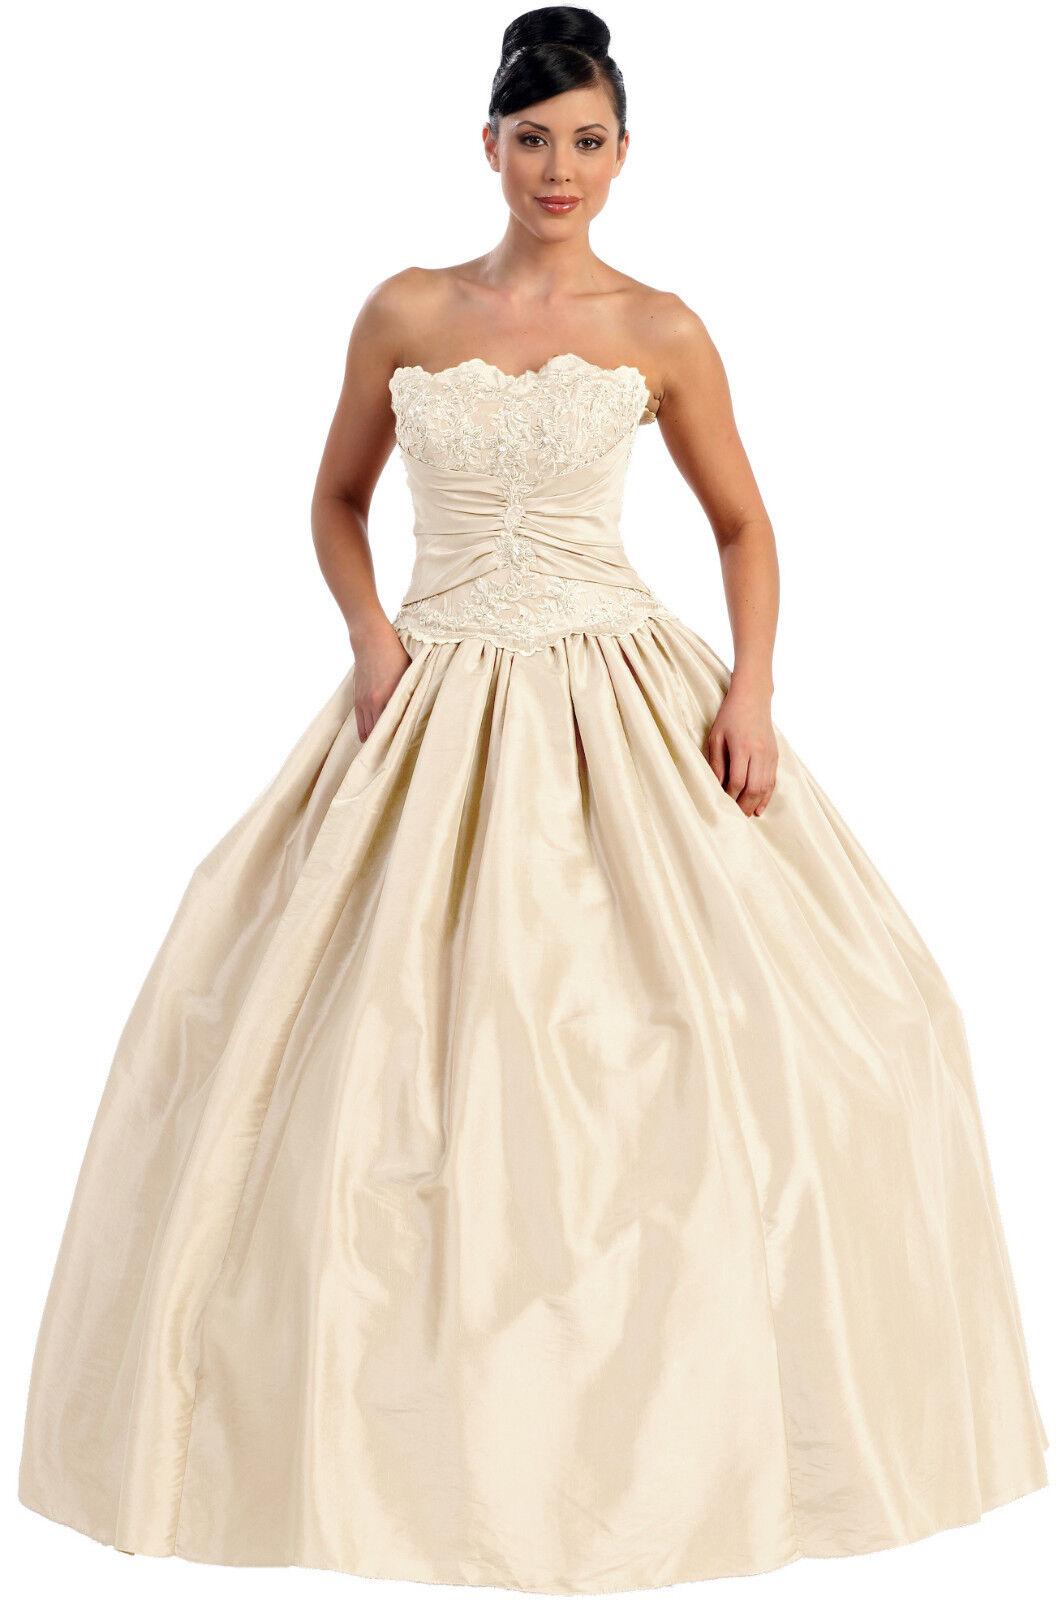 Brautkleid Hochzeitskleid Sissi-Kleid Ballkleid Corsagenkleid Taft Spitze Gr.34